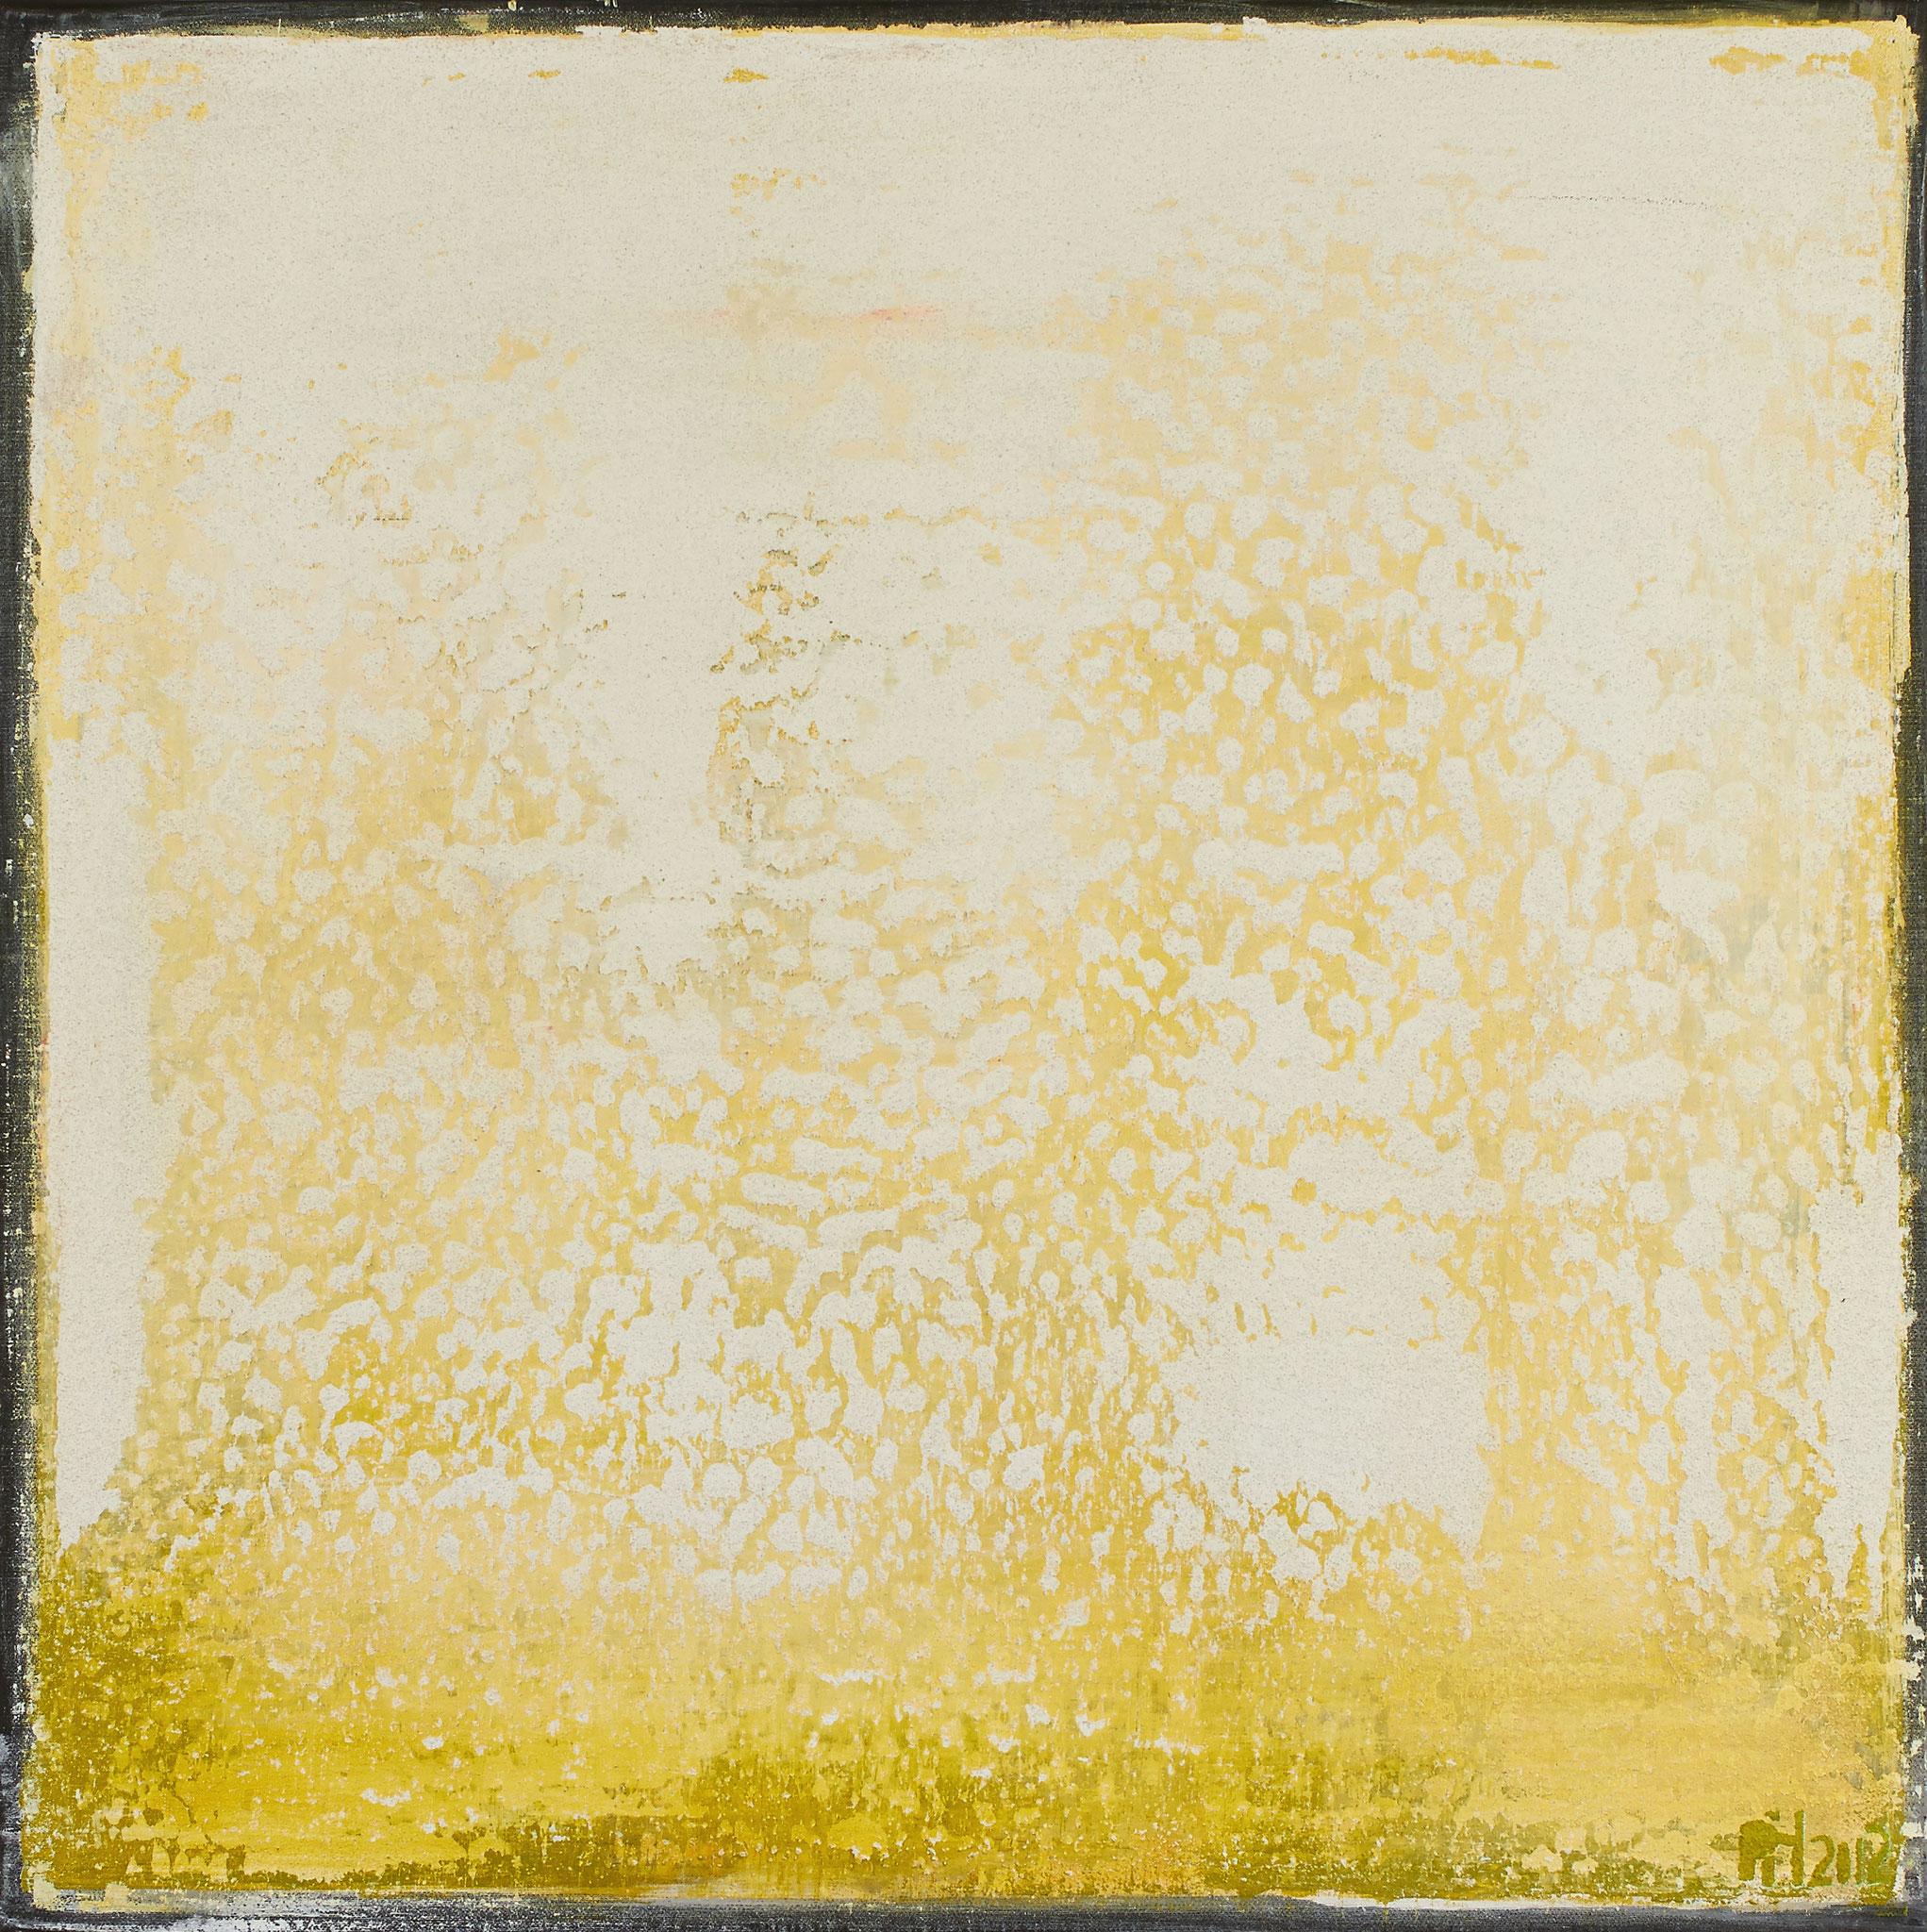 No. 32 - Mischtechnik Acryl auf Leinwand 70x70 cm (2012)